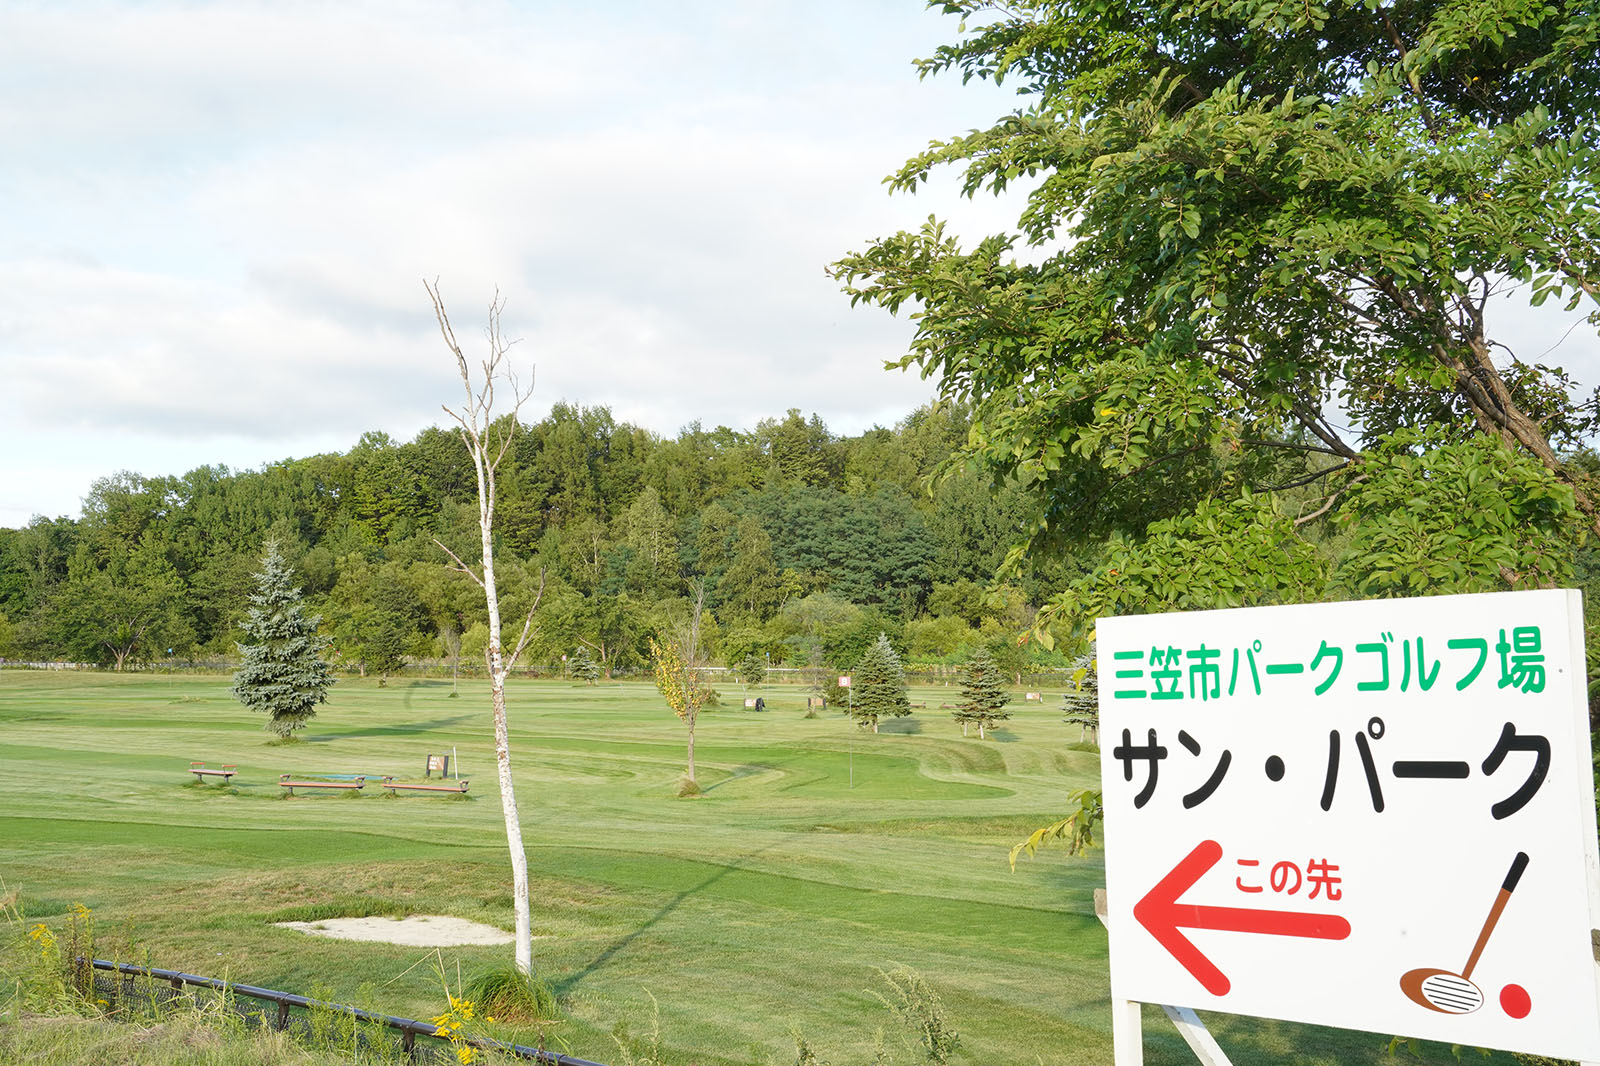 三笠市パークゴルフ場